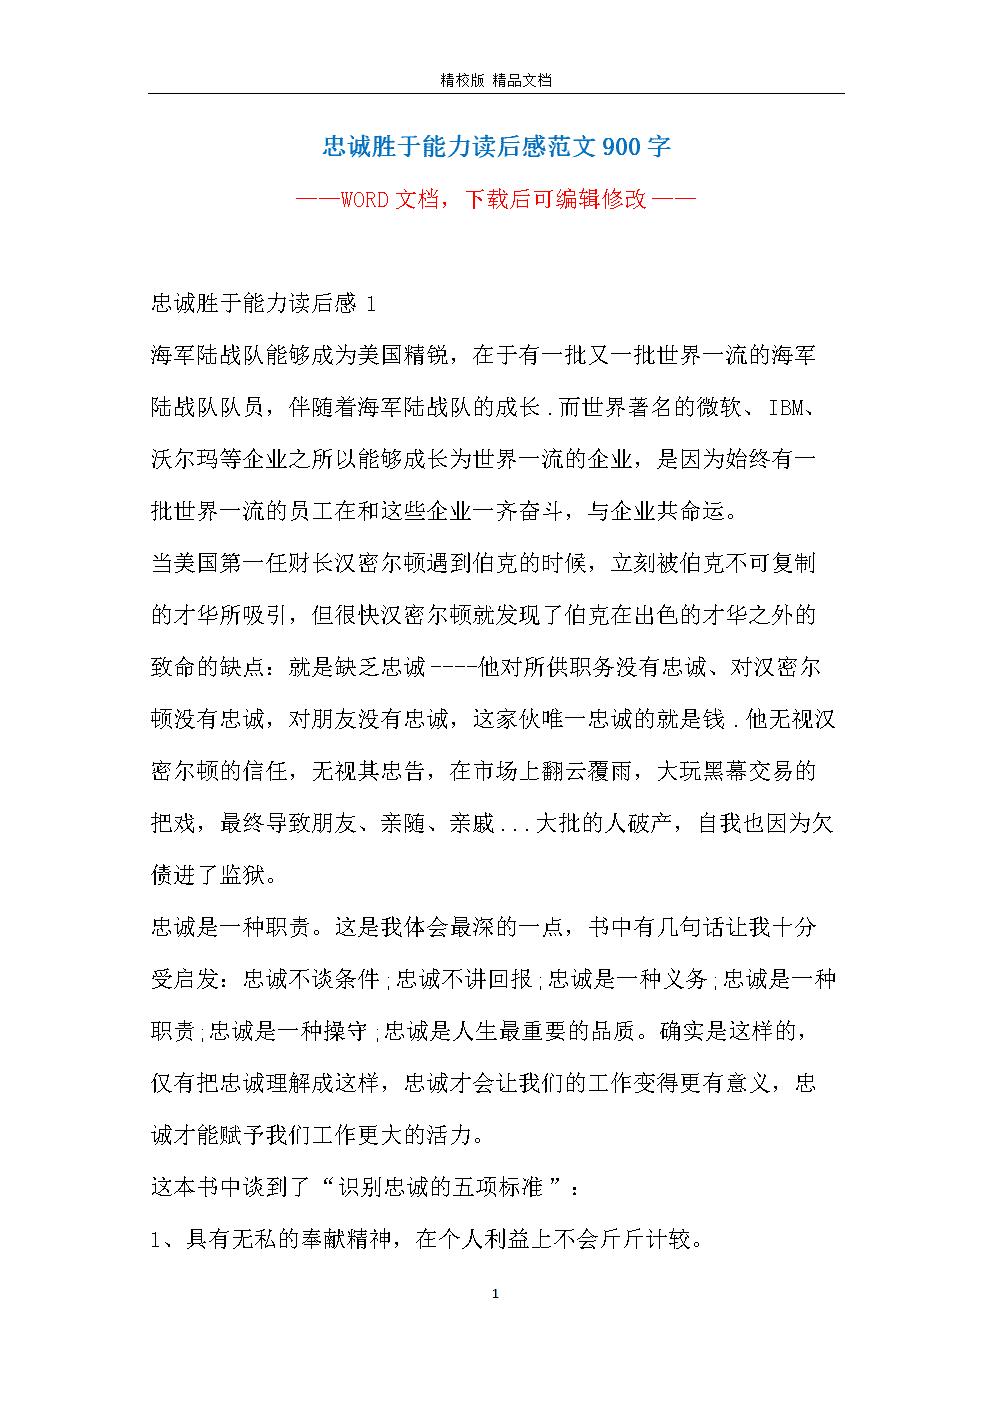 忠诚胜于能力读后感范文900字.docx